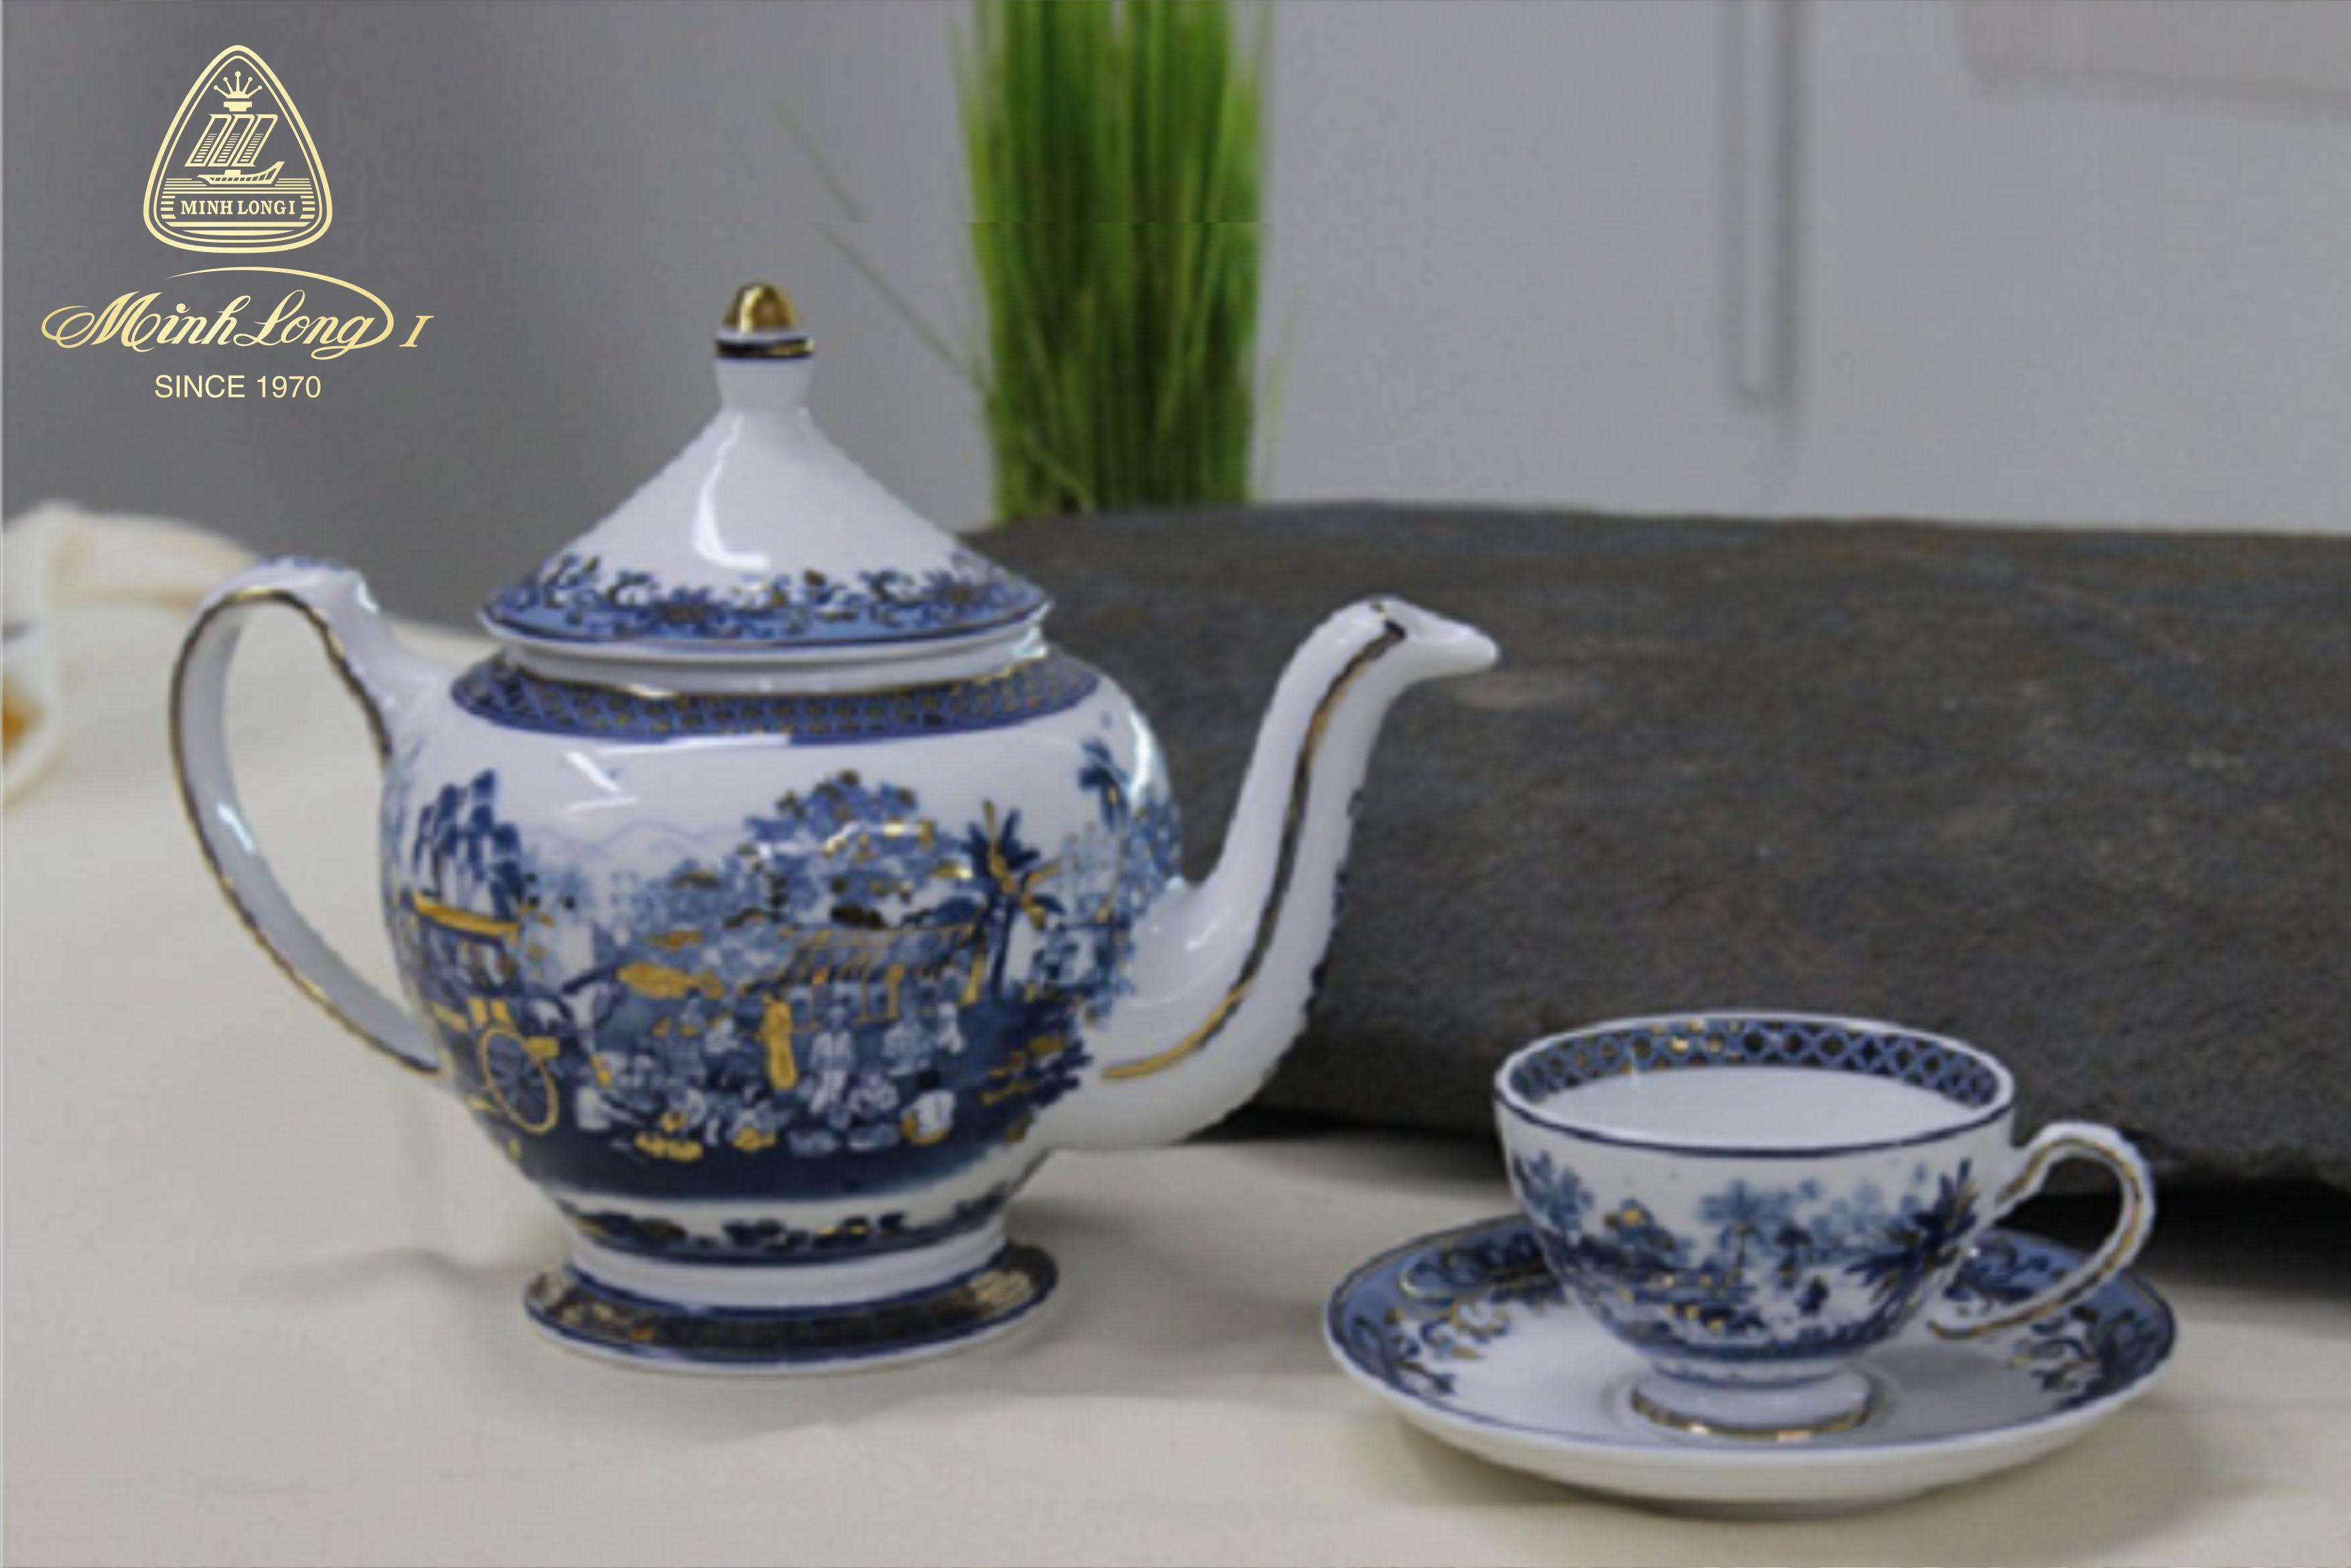 Bộ trà 0.8L Hoàng Cung Hồn Quê Vàng 01084037503 Minh Long